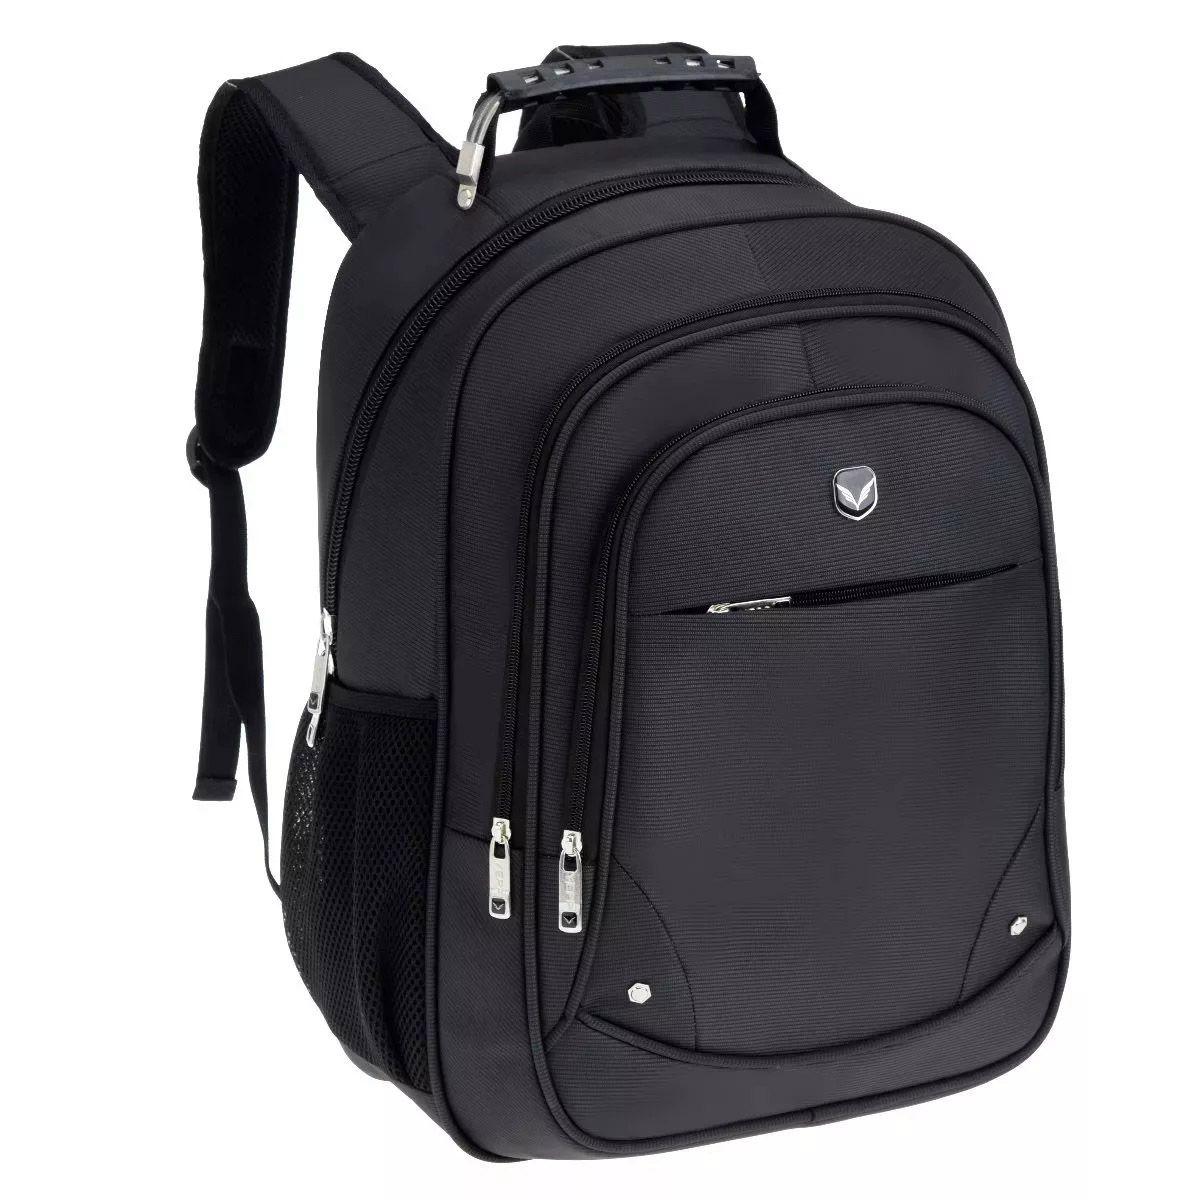 f50b9ef5c Mochila Notebook Executiva Yepp Trabalho Escolar Reforçada Promoção ...